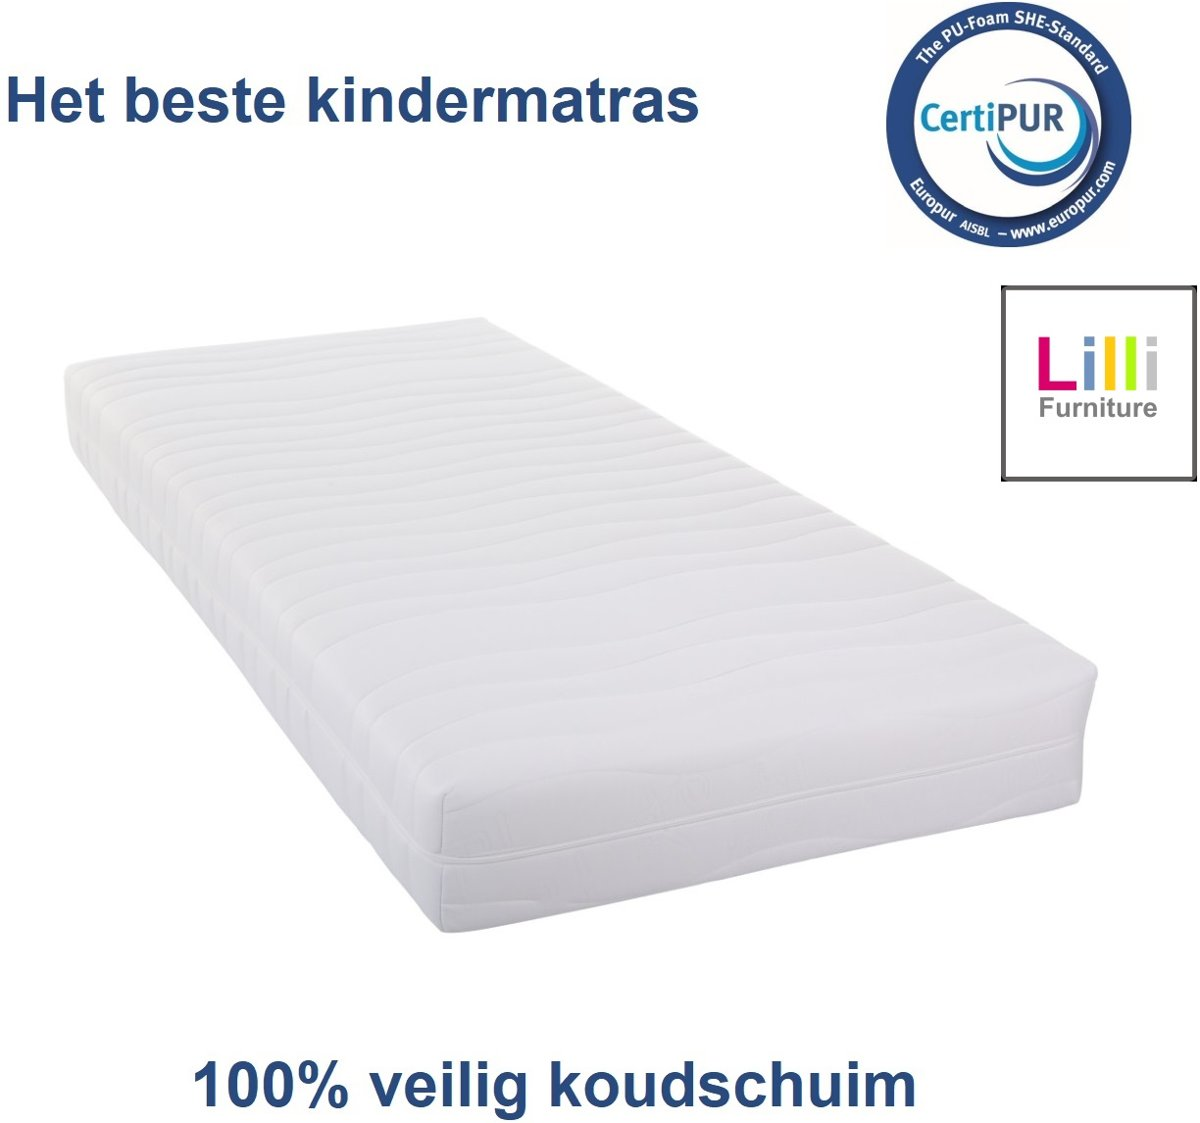 Kindermatras - veilig en gecertificeerd - 100nachten proefslapen - 90x200cm